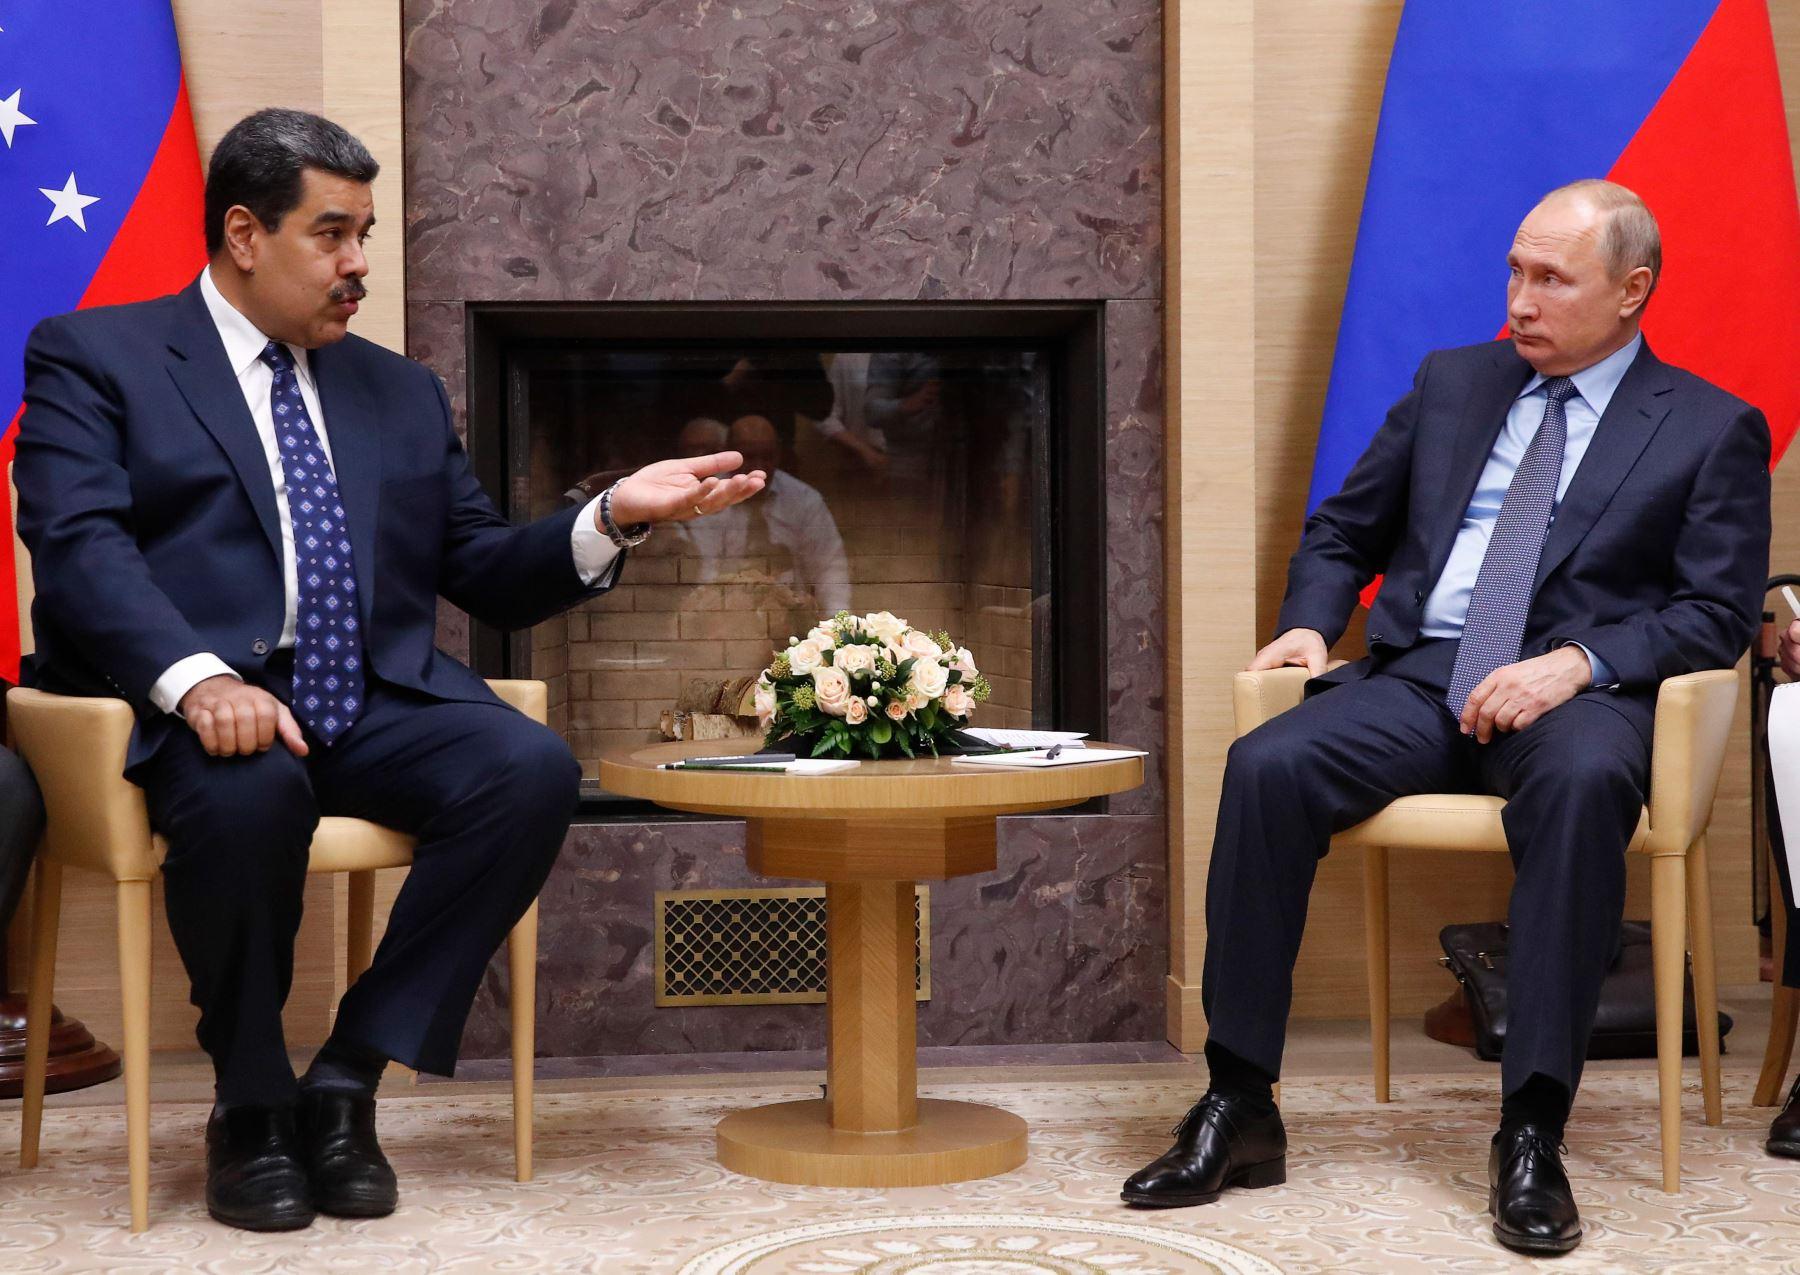 El presidente ruso Vladimir Putin se reúne con su homólogo venezolano Nicolas Maduro Foto: AFP